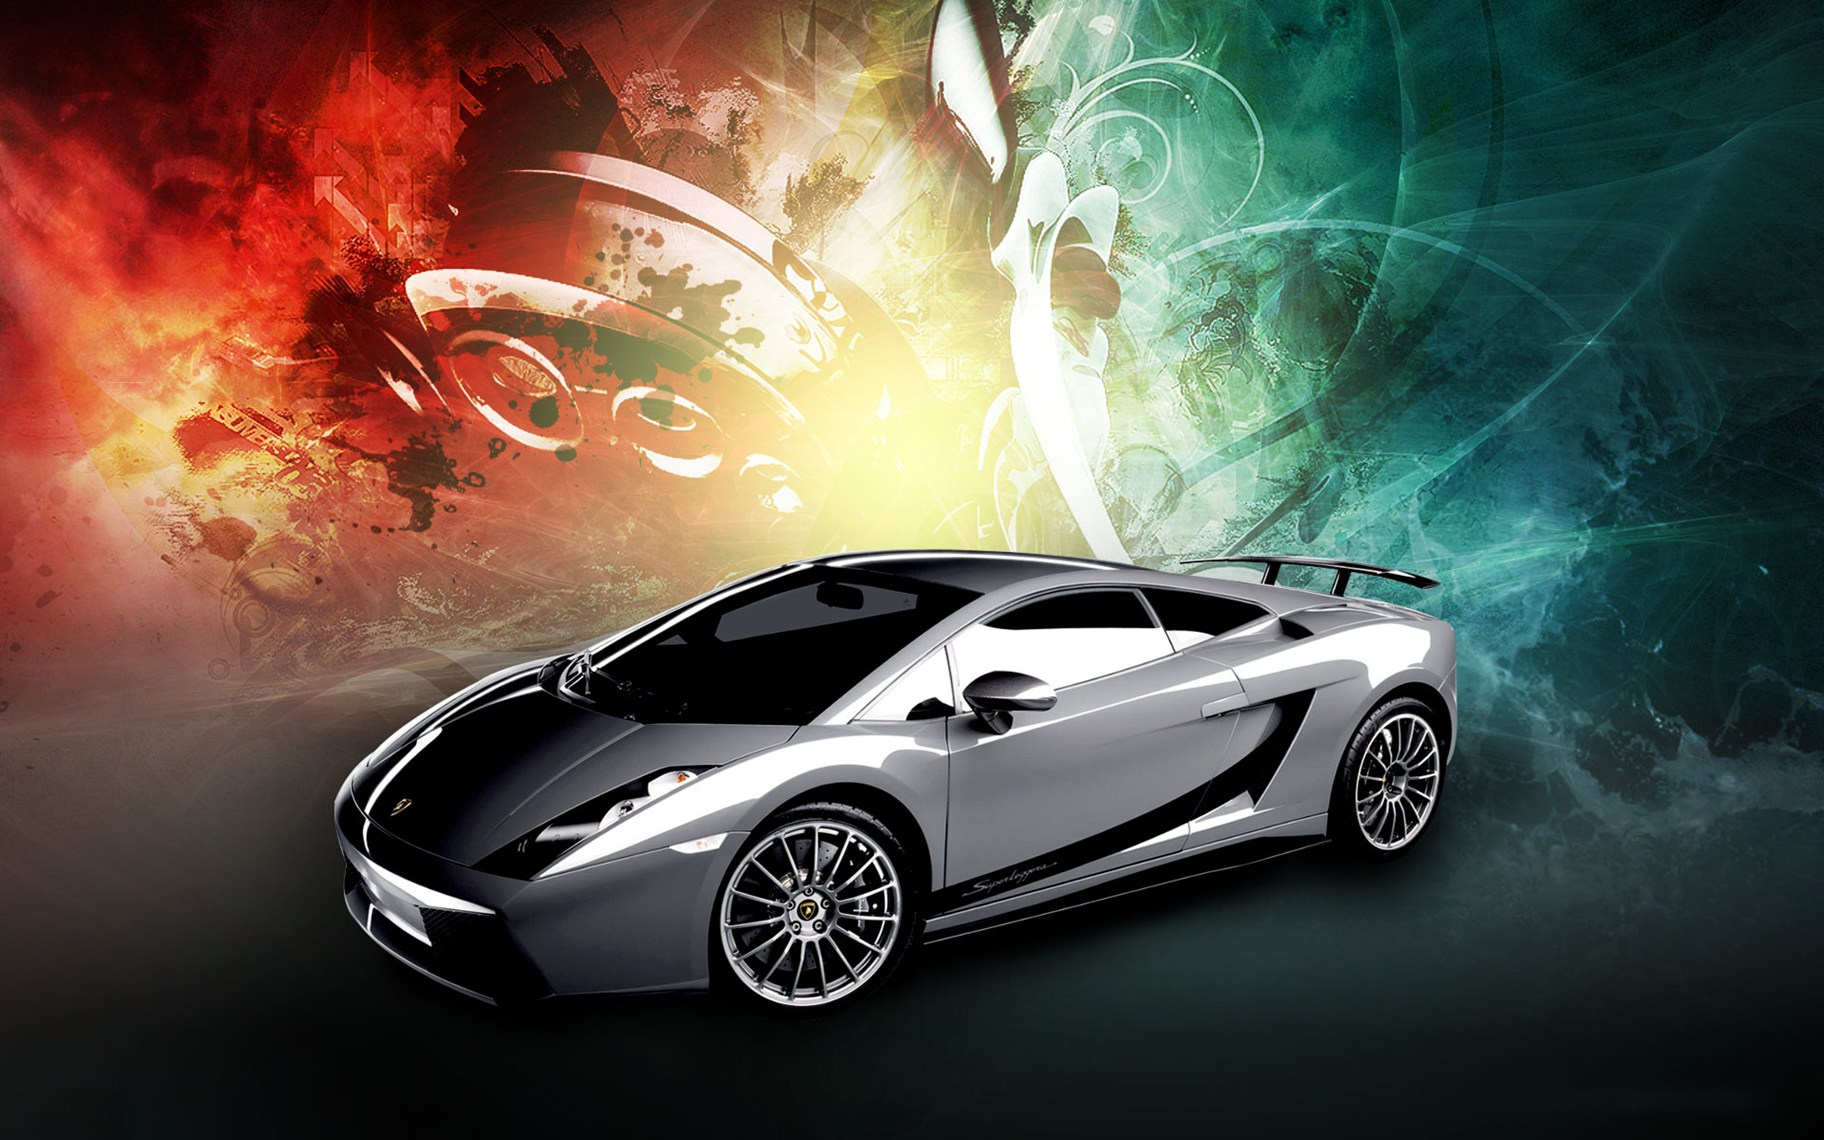 Lamborghini Screensaver